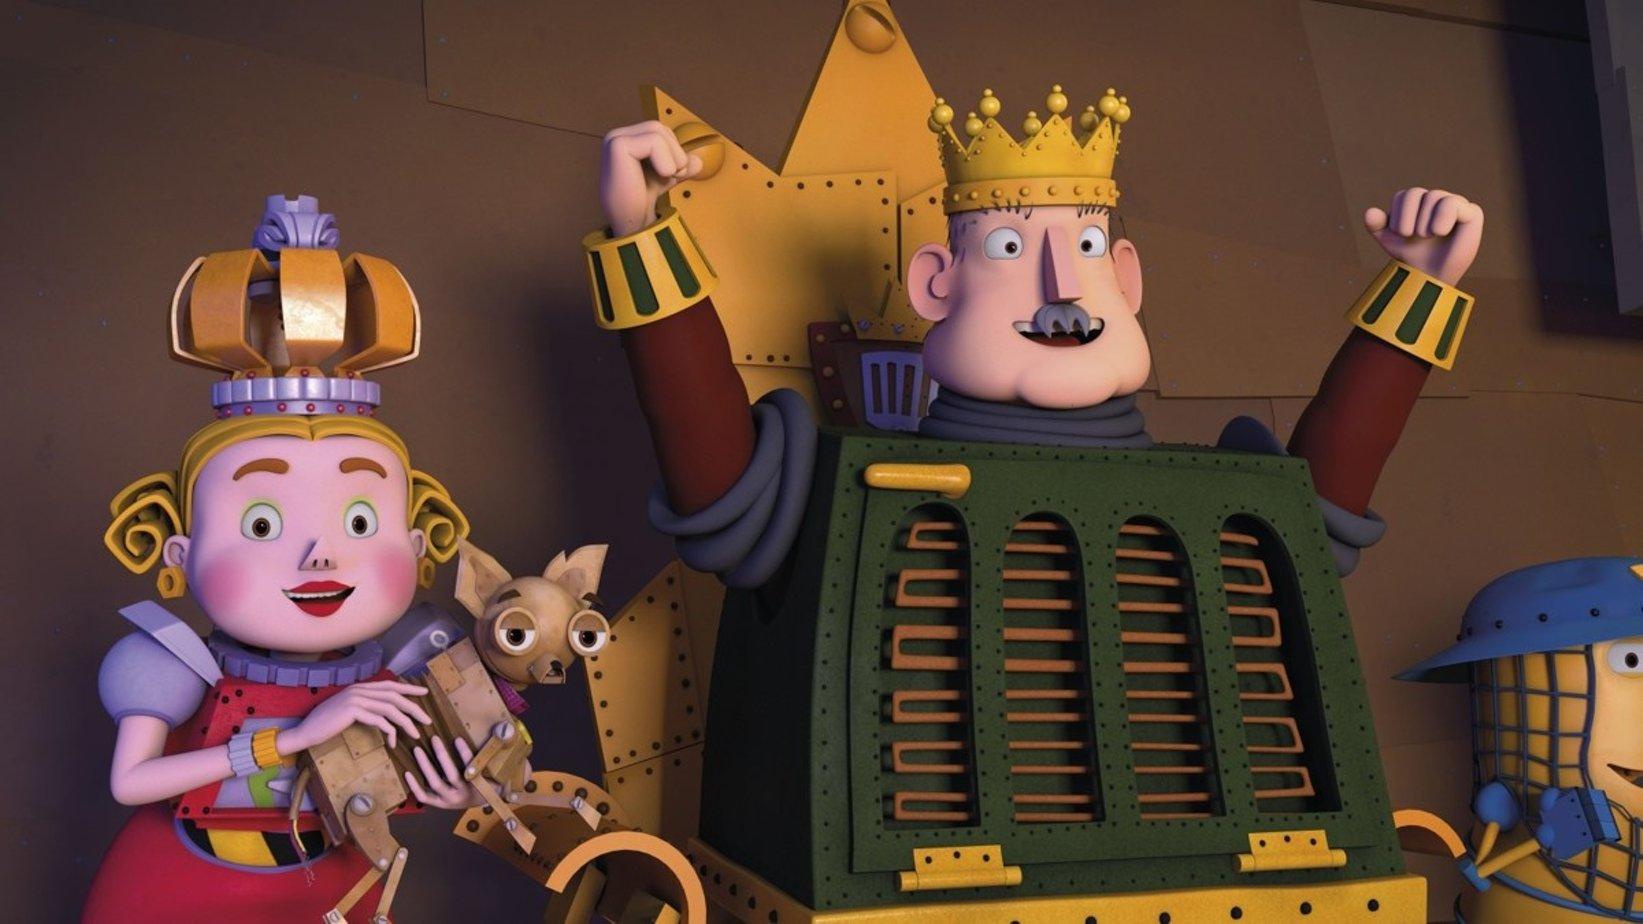 свастика анимация храброе сердце заговор в королевстве сегодня существуют